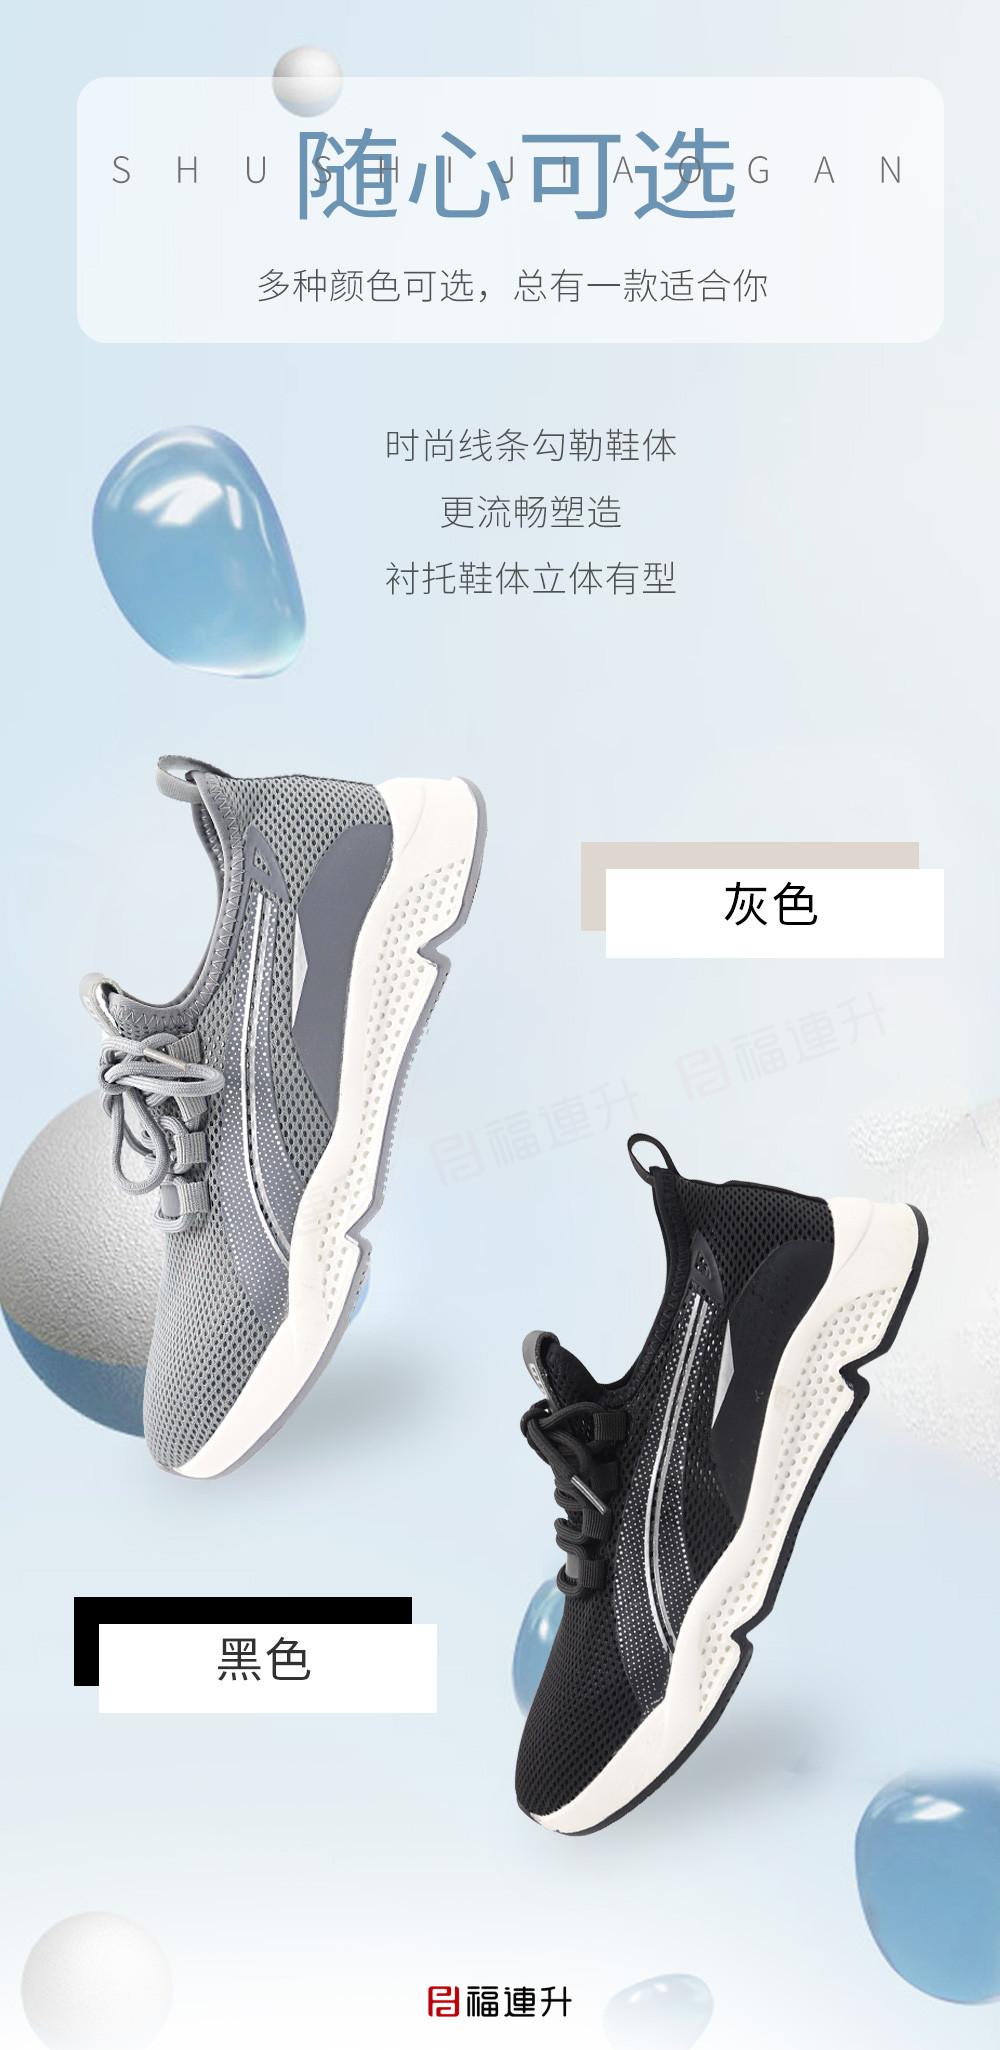 福連升夏季男休閑運動鞋輕便軟底網面透氣舒適鞋子圖片